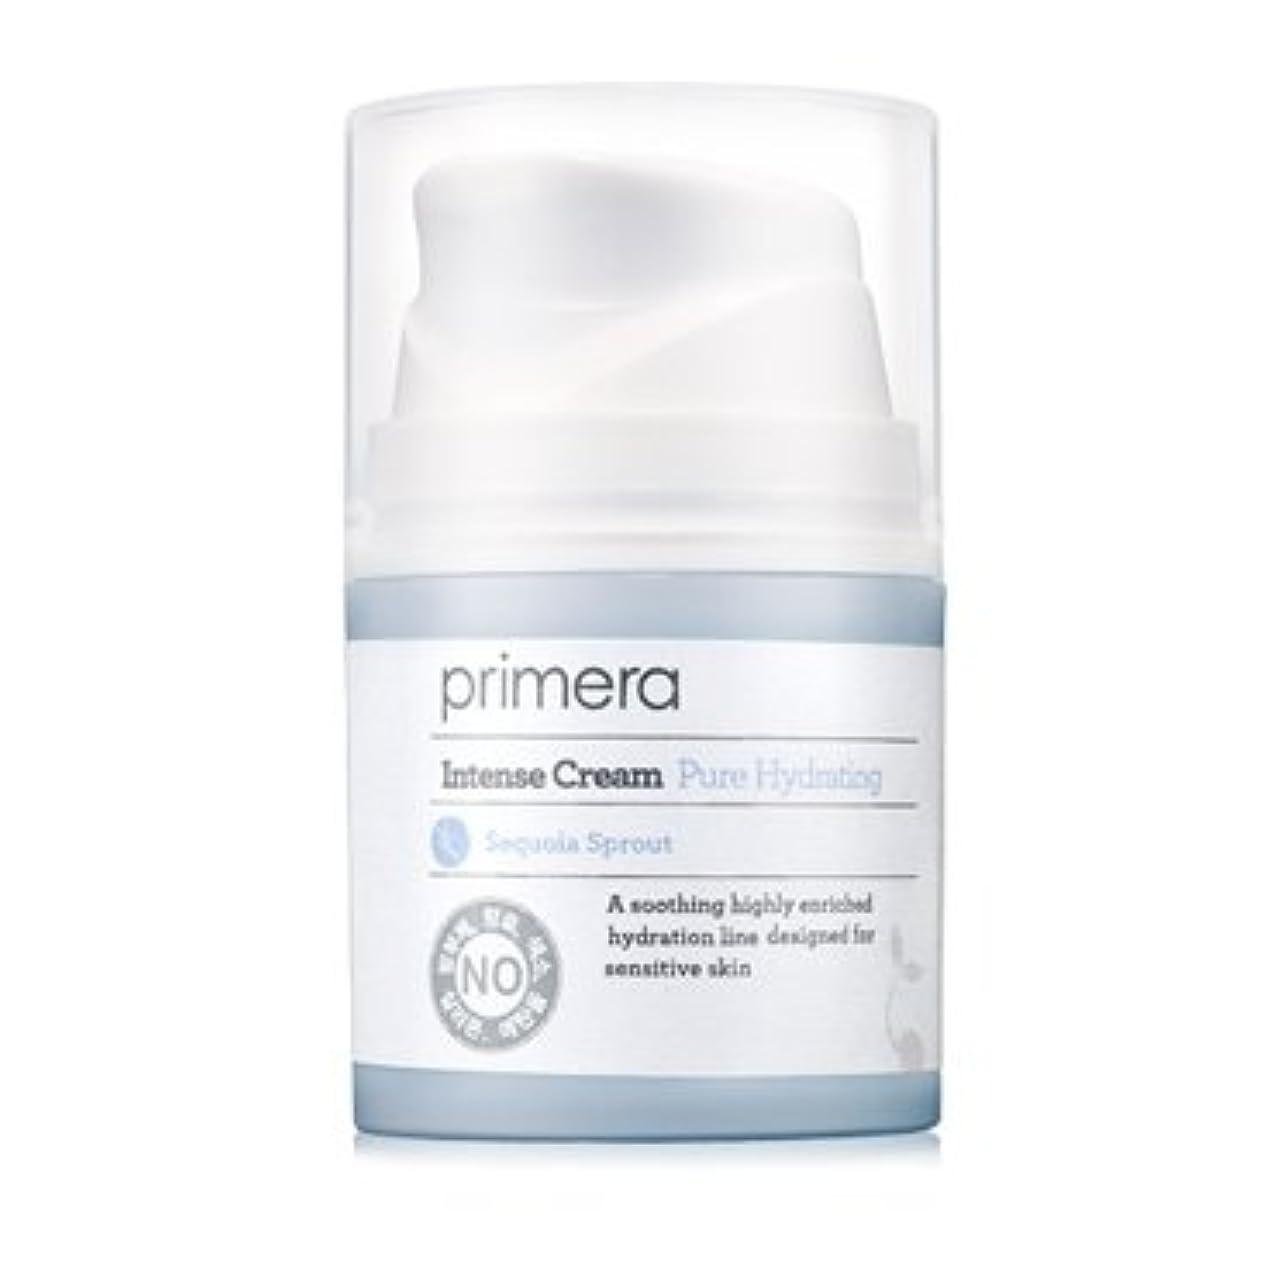 パシフィック周波数秀でるPRIMERA プリメラ ピュア ハイドレイティング インテンス クリーム(Pure Hydrating Intense Cream)30ml